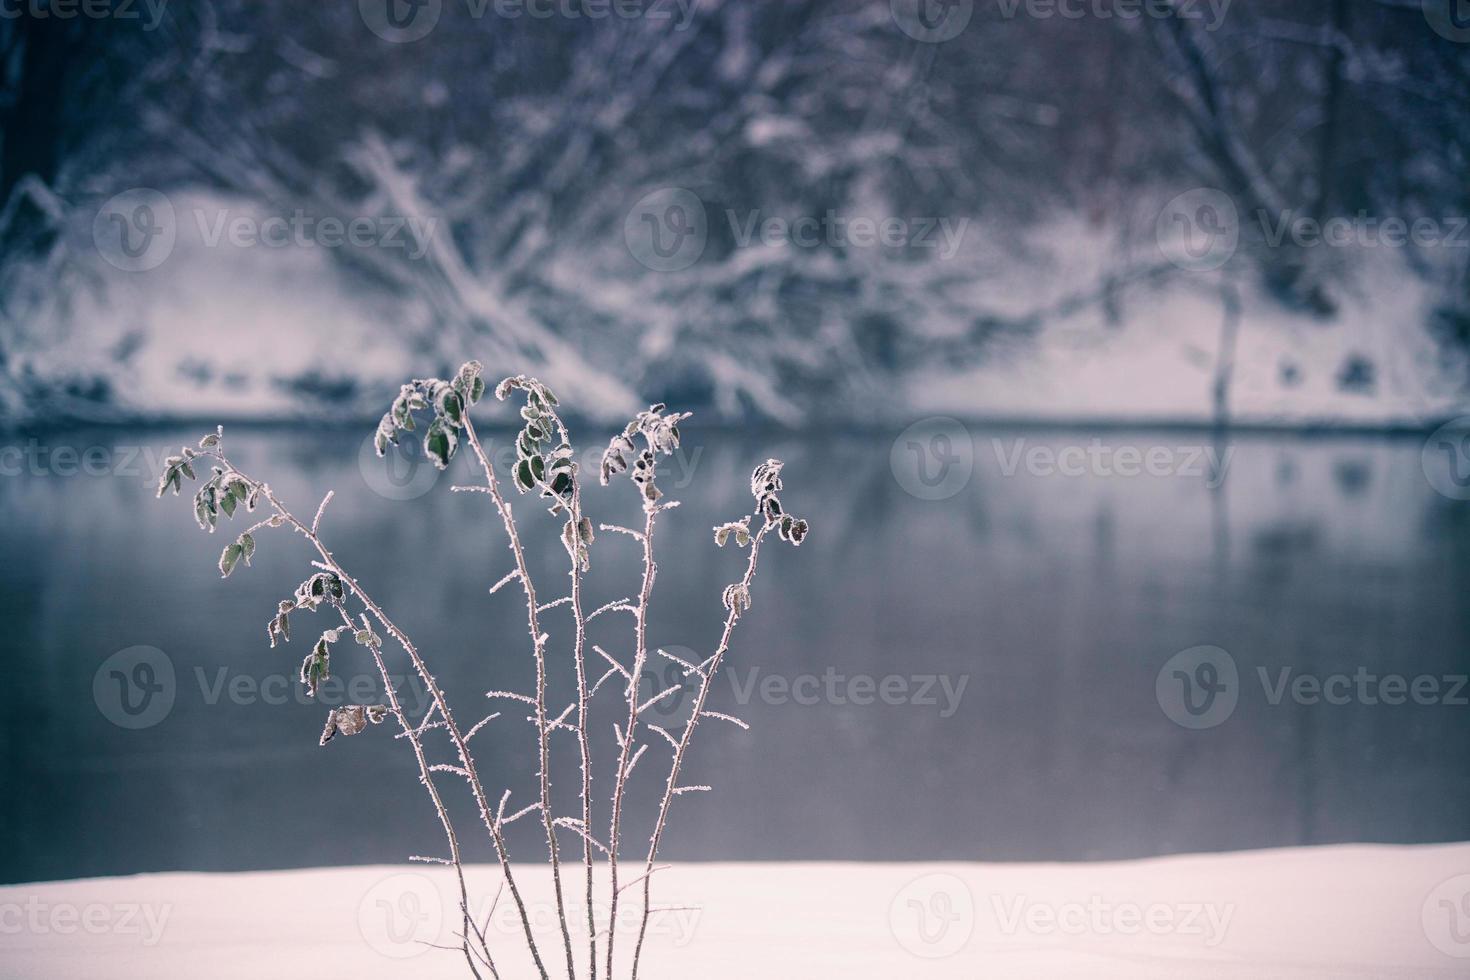 snö och vinter. belarus by, landskap på vintern foto